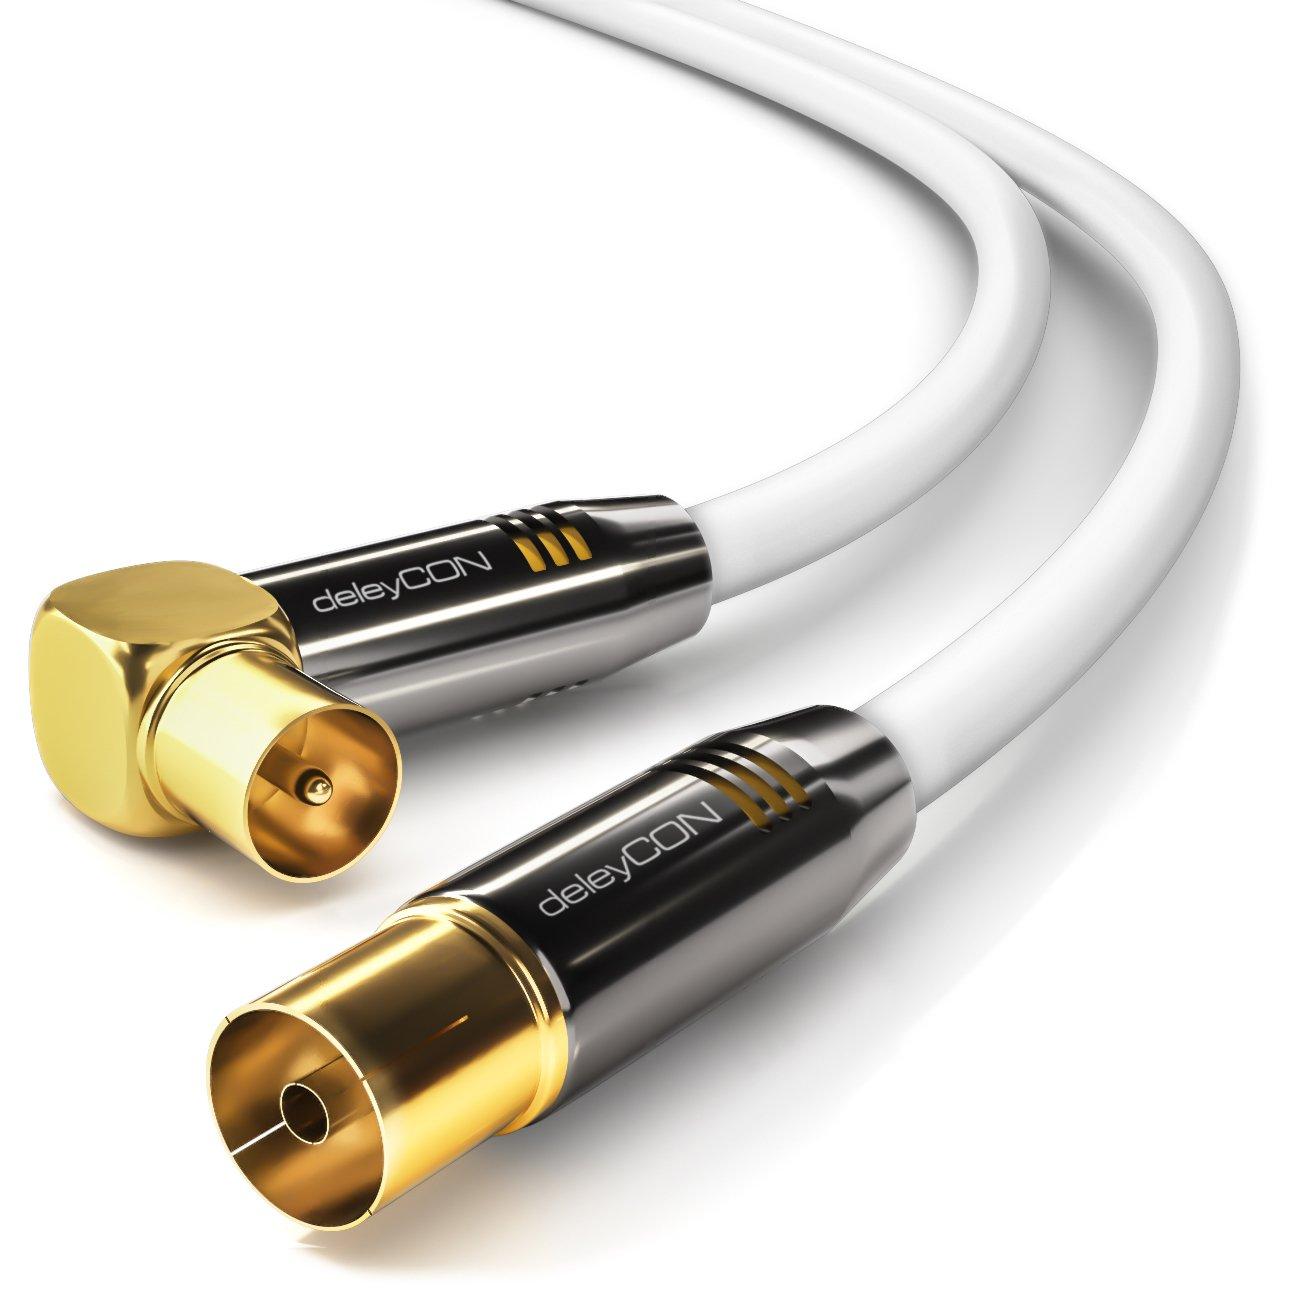 deleyCON TV Cable de antena 1m Cable coaxial / Conector dorado 90° macho de TV